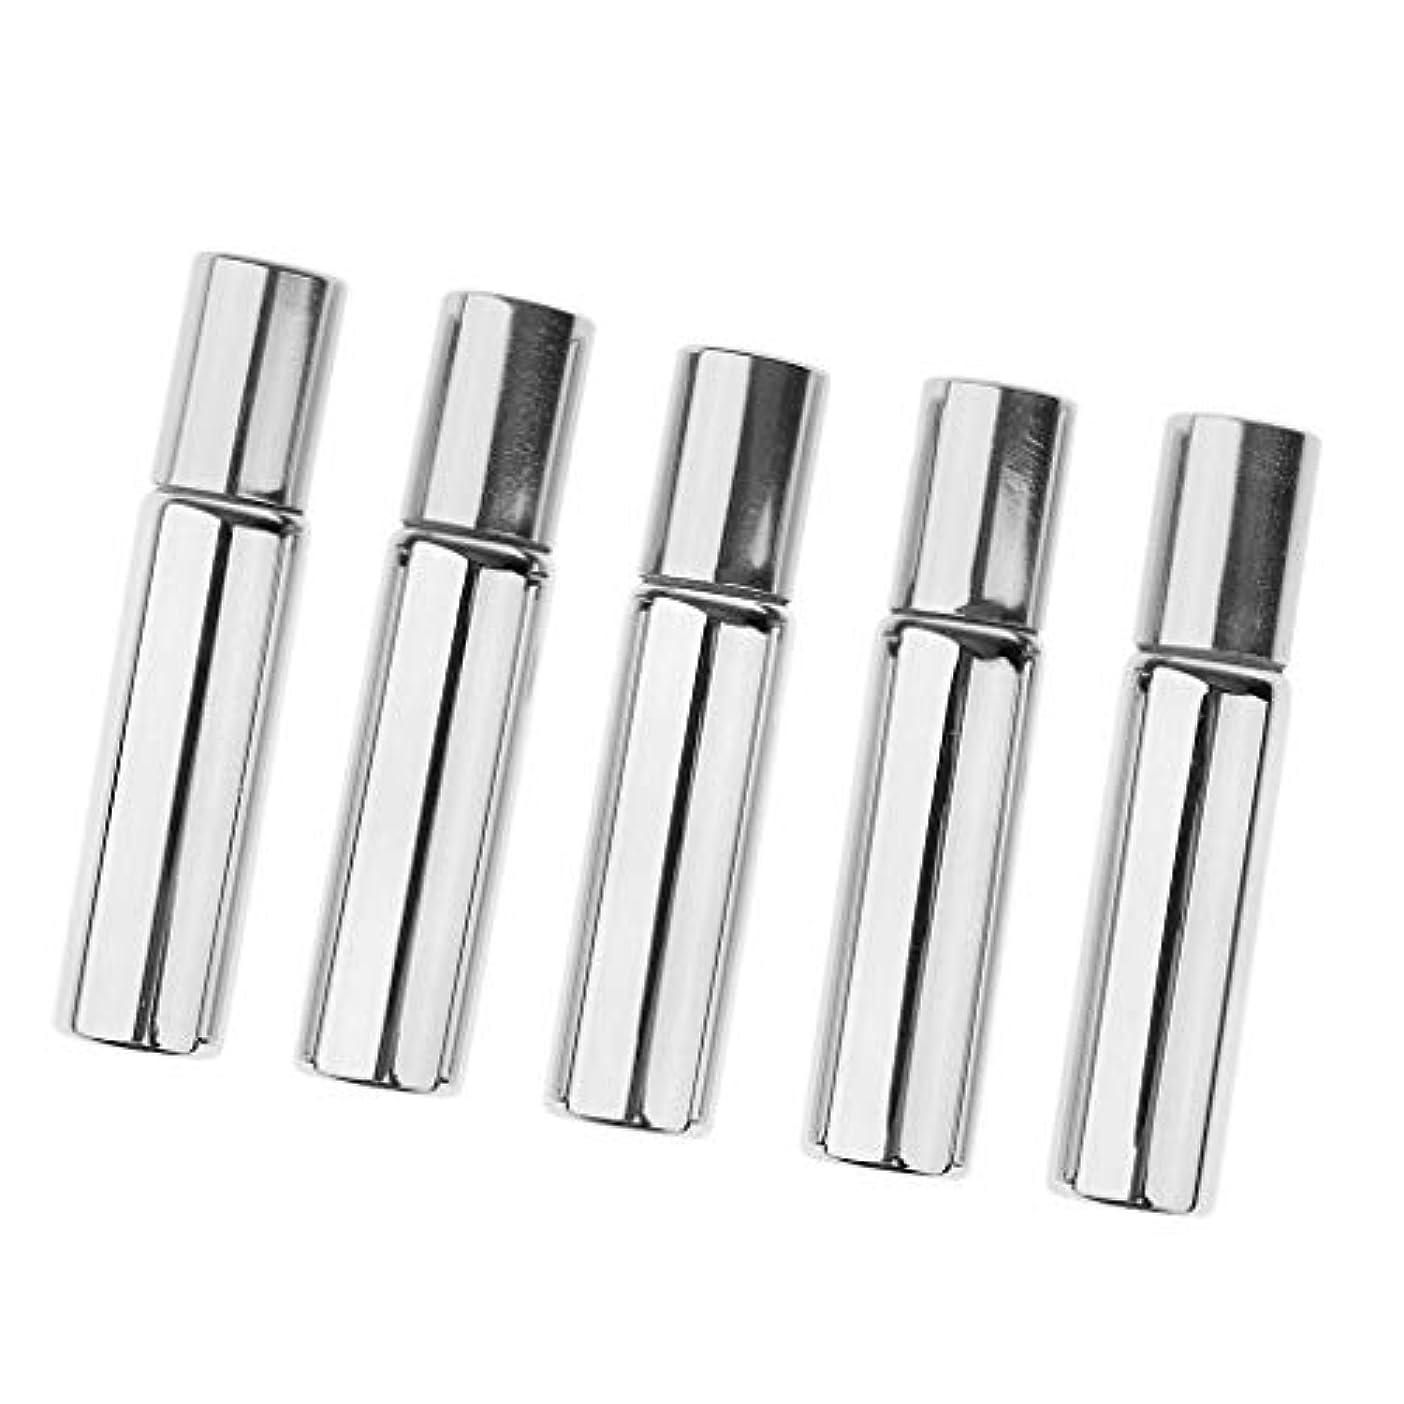 見積りボーカル香水FLAMEER 5本 10ml ローラーボトル スチールボールボトル メイクアップボトル 2色選べ - 銀